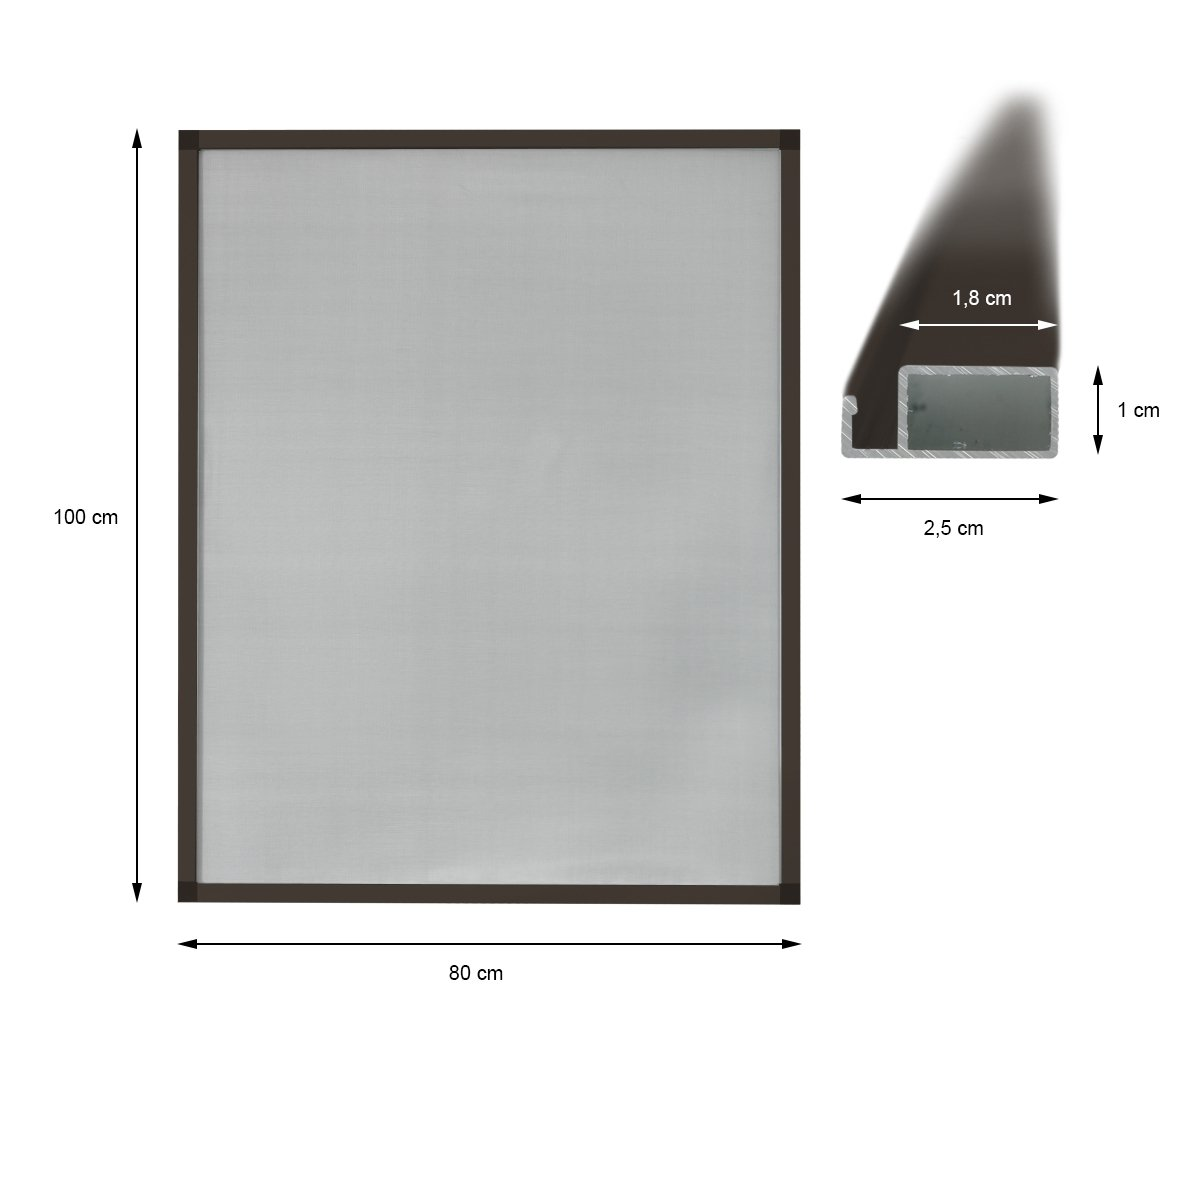 ECD Germany 5-er Pack Fliegengitter mit Rahmen Rahmen Rahmen aus Aluminium - wetterfestes Moskitonetz aus Fiberglasgewebe für Fenster - 120x140 - weiß Anthrazit B01J62ECM4 Seitenzug- & Springrollos 3b89d7